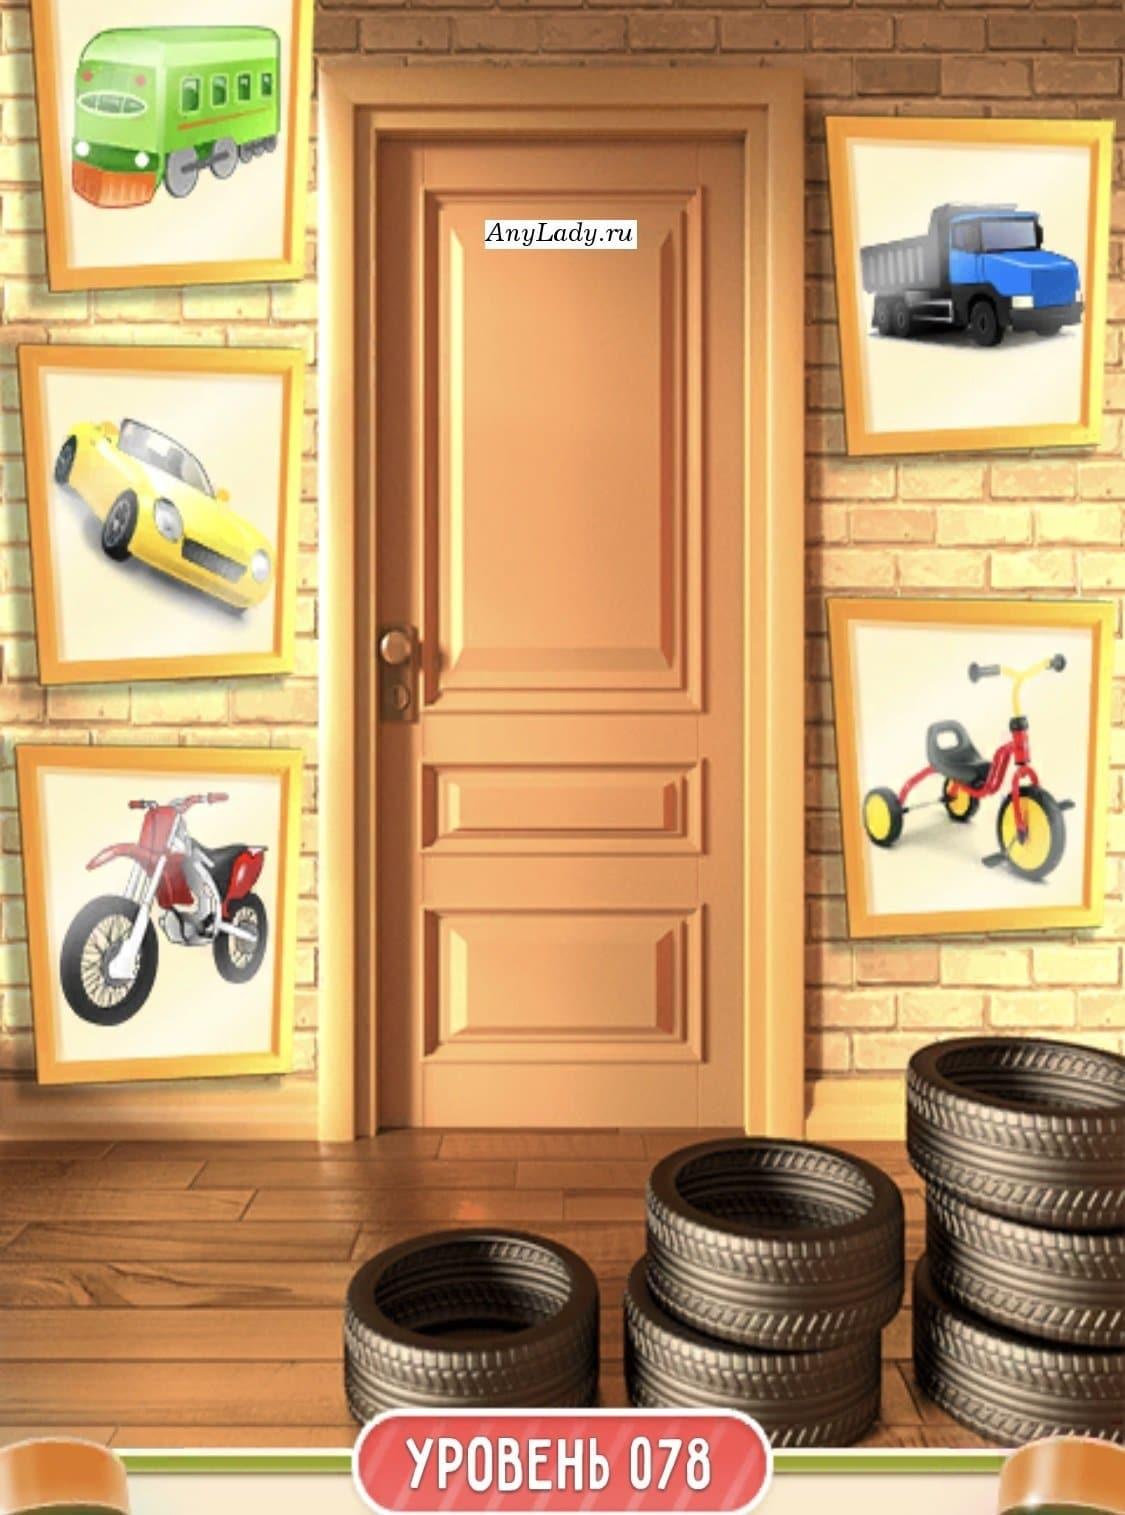 Разгадка прохождения этой комнаты в шинах лежащих на полу. Обратите внимание, на количество колес и изображения транспортных средств, на стене.   Перед Вами одно, два и три колеса, это дает Вам подсказку начинать от меньшего к большему.   Нажимайте на картины от меньшего количества колес к большему.